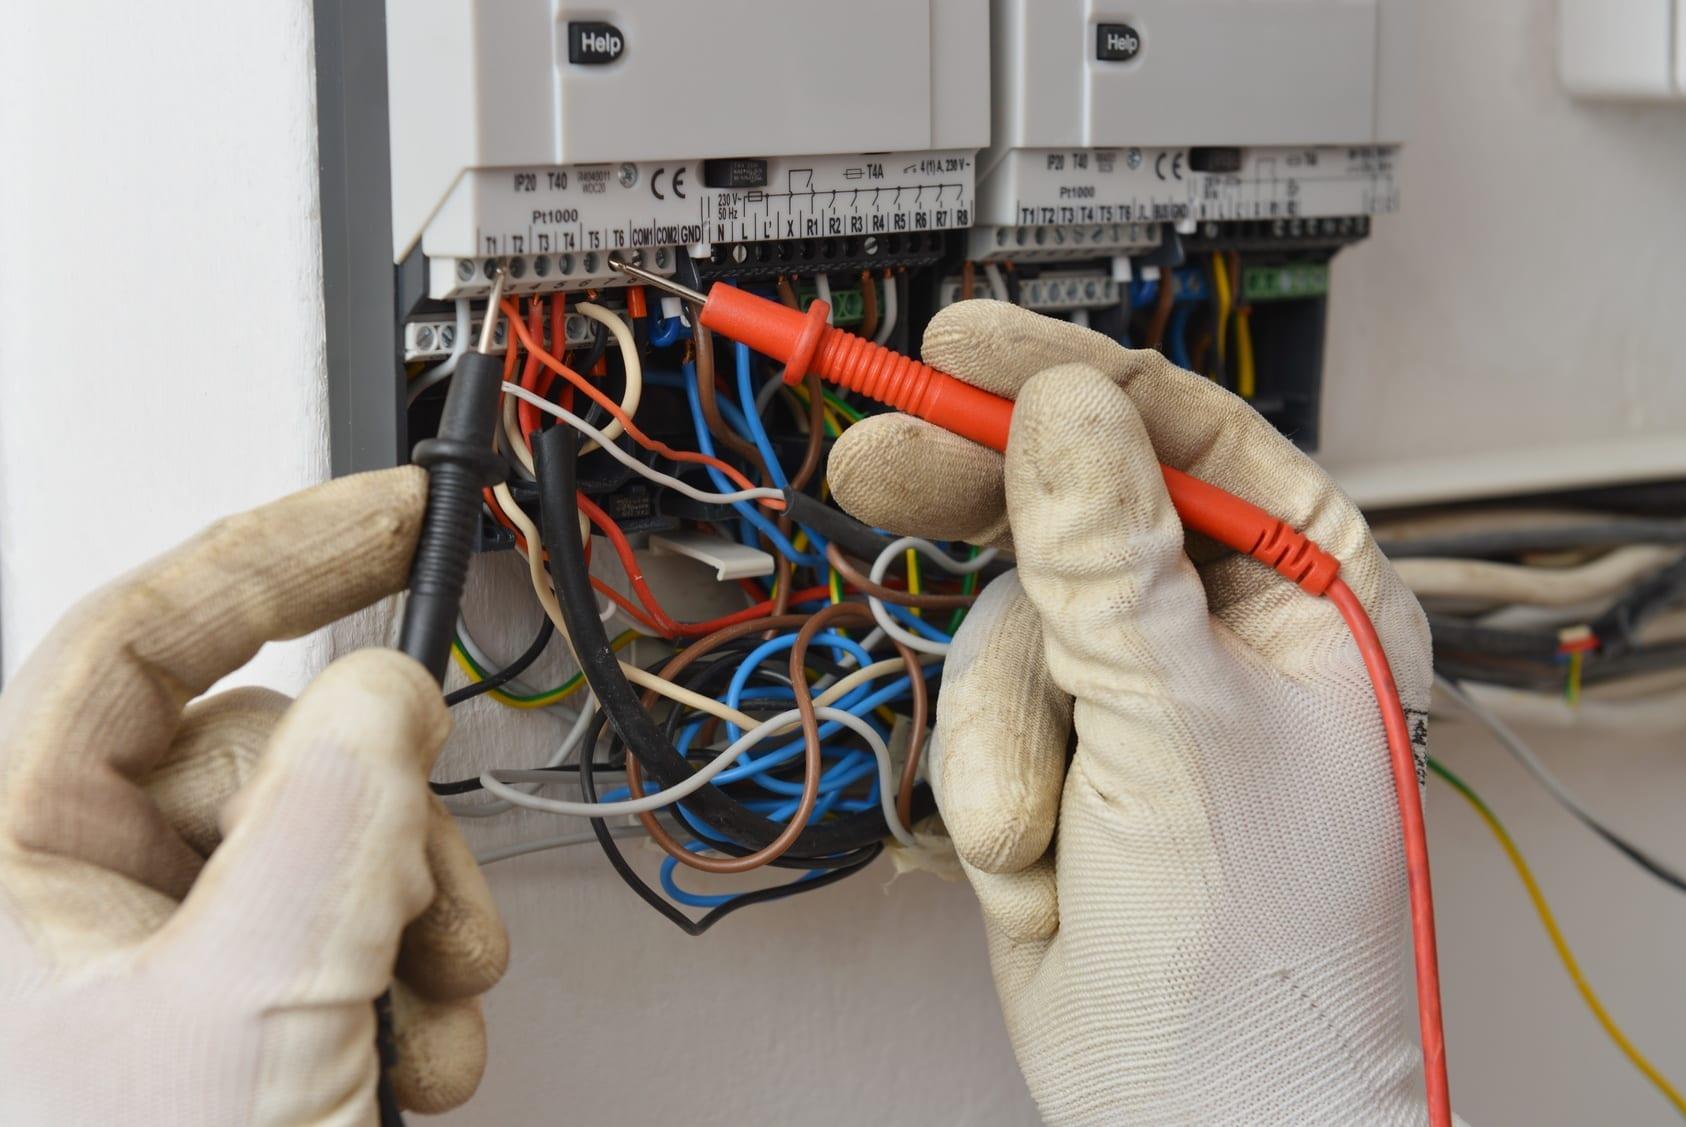 TECHNICIEN ELECTRONIQUE ET INFORMATIQUE